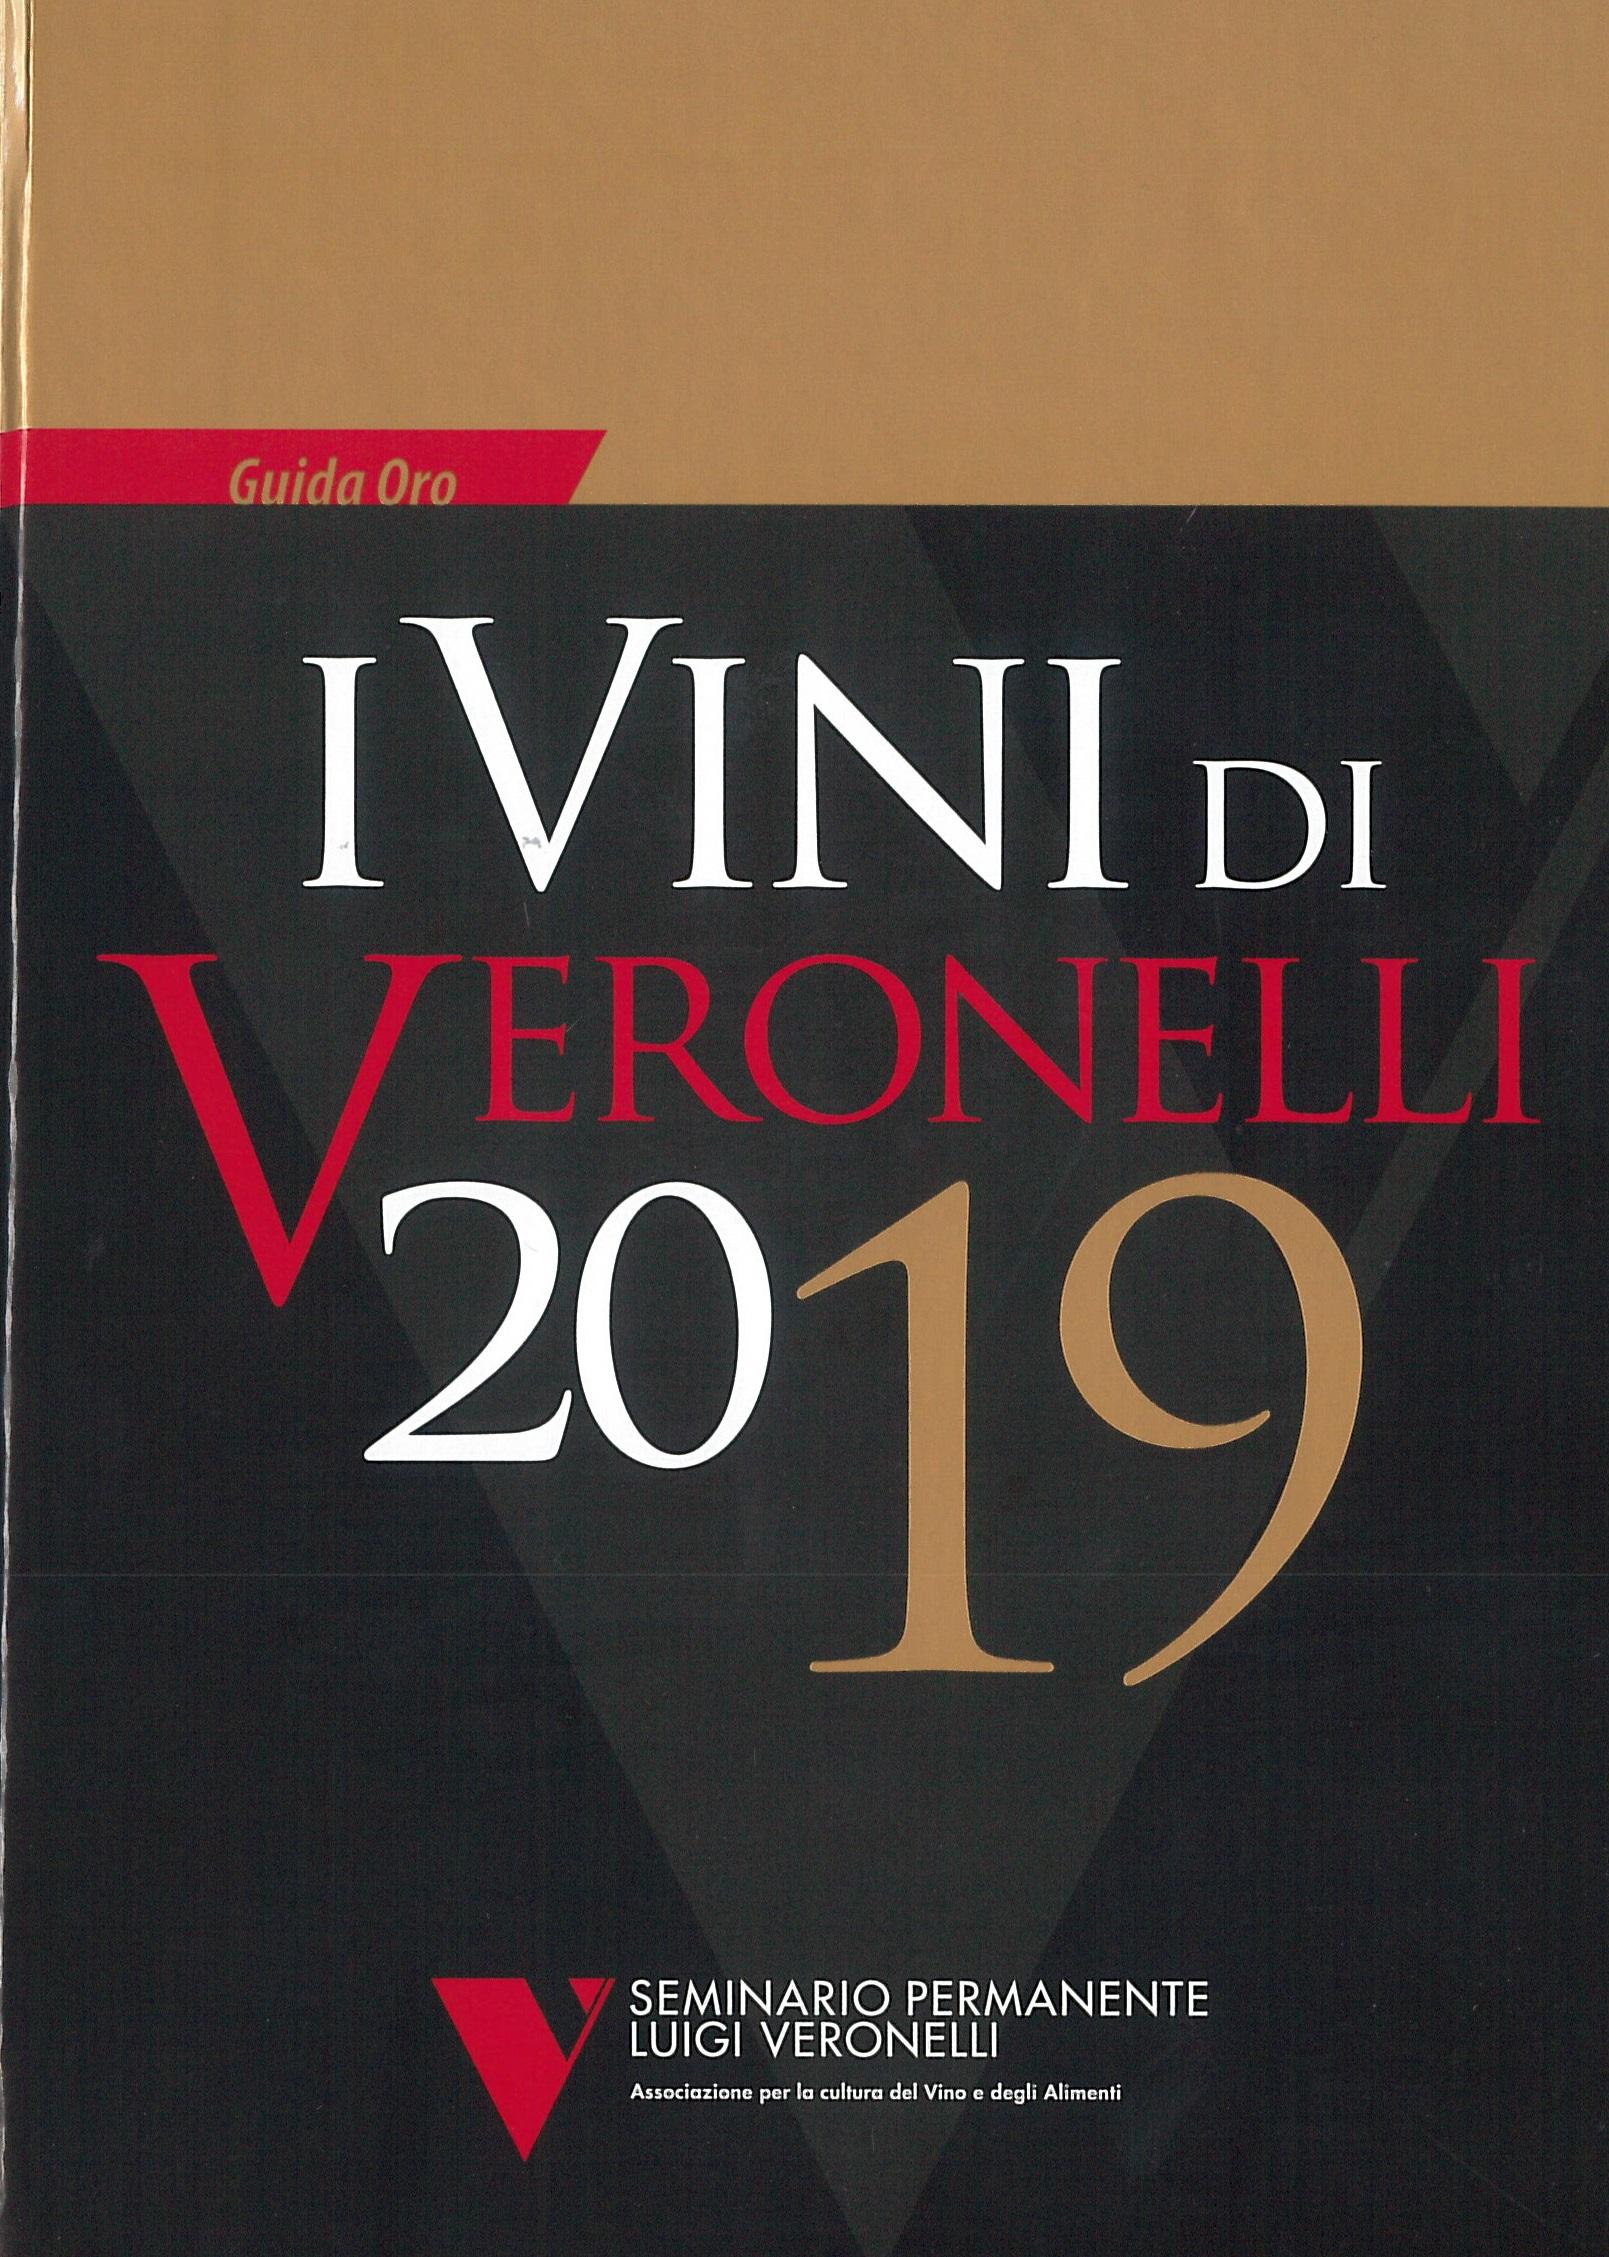 Seminario Permanente Luigi Veronelli_I Vini di Veronelli_2019_Cover.jpg